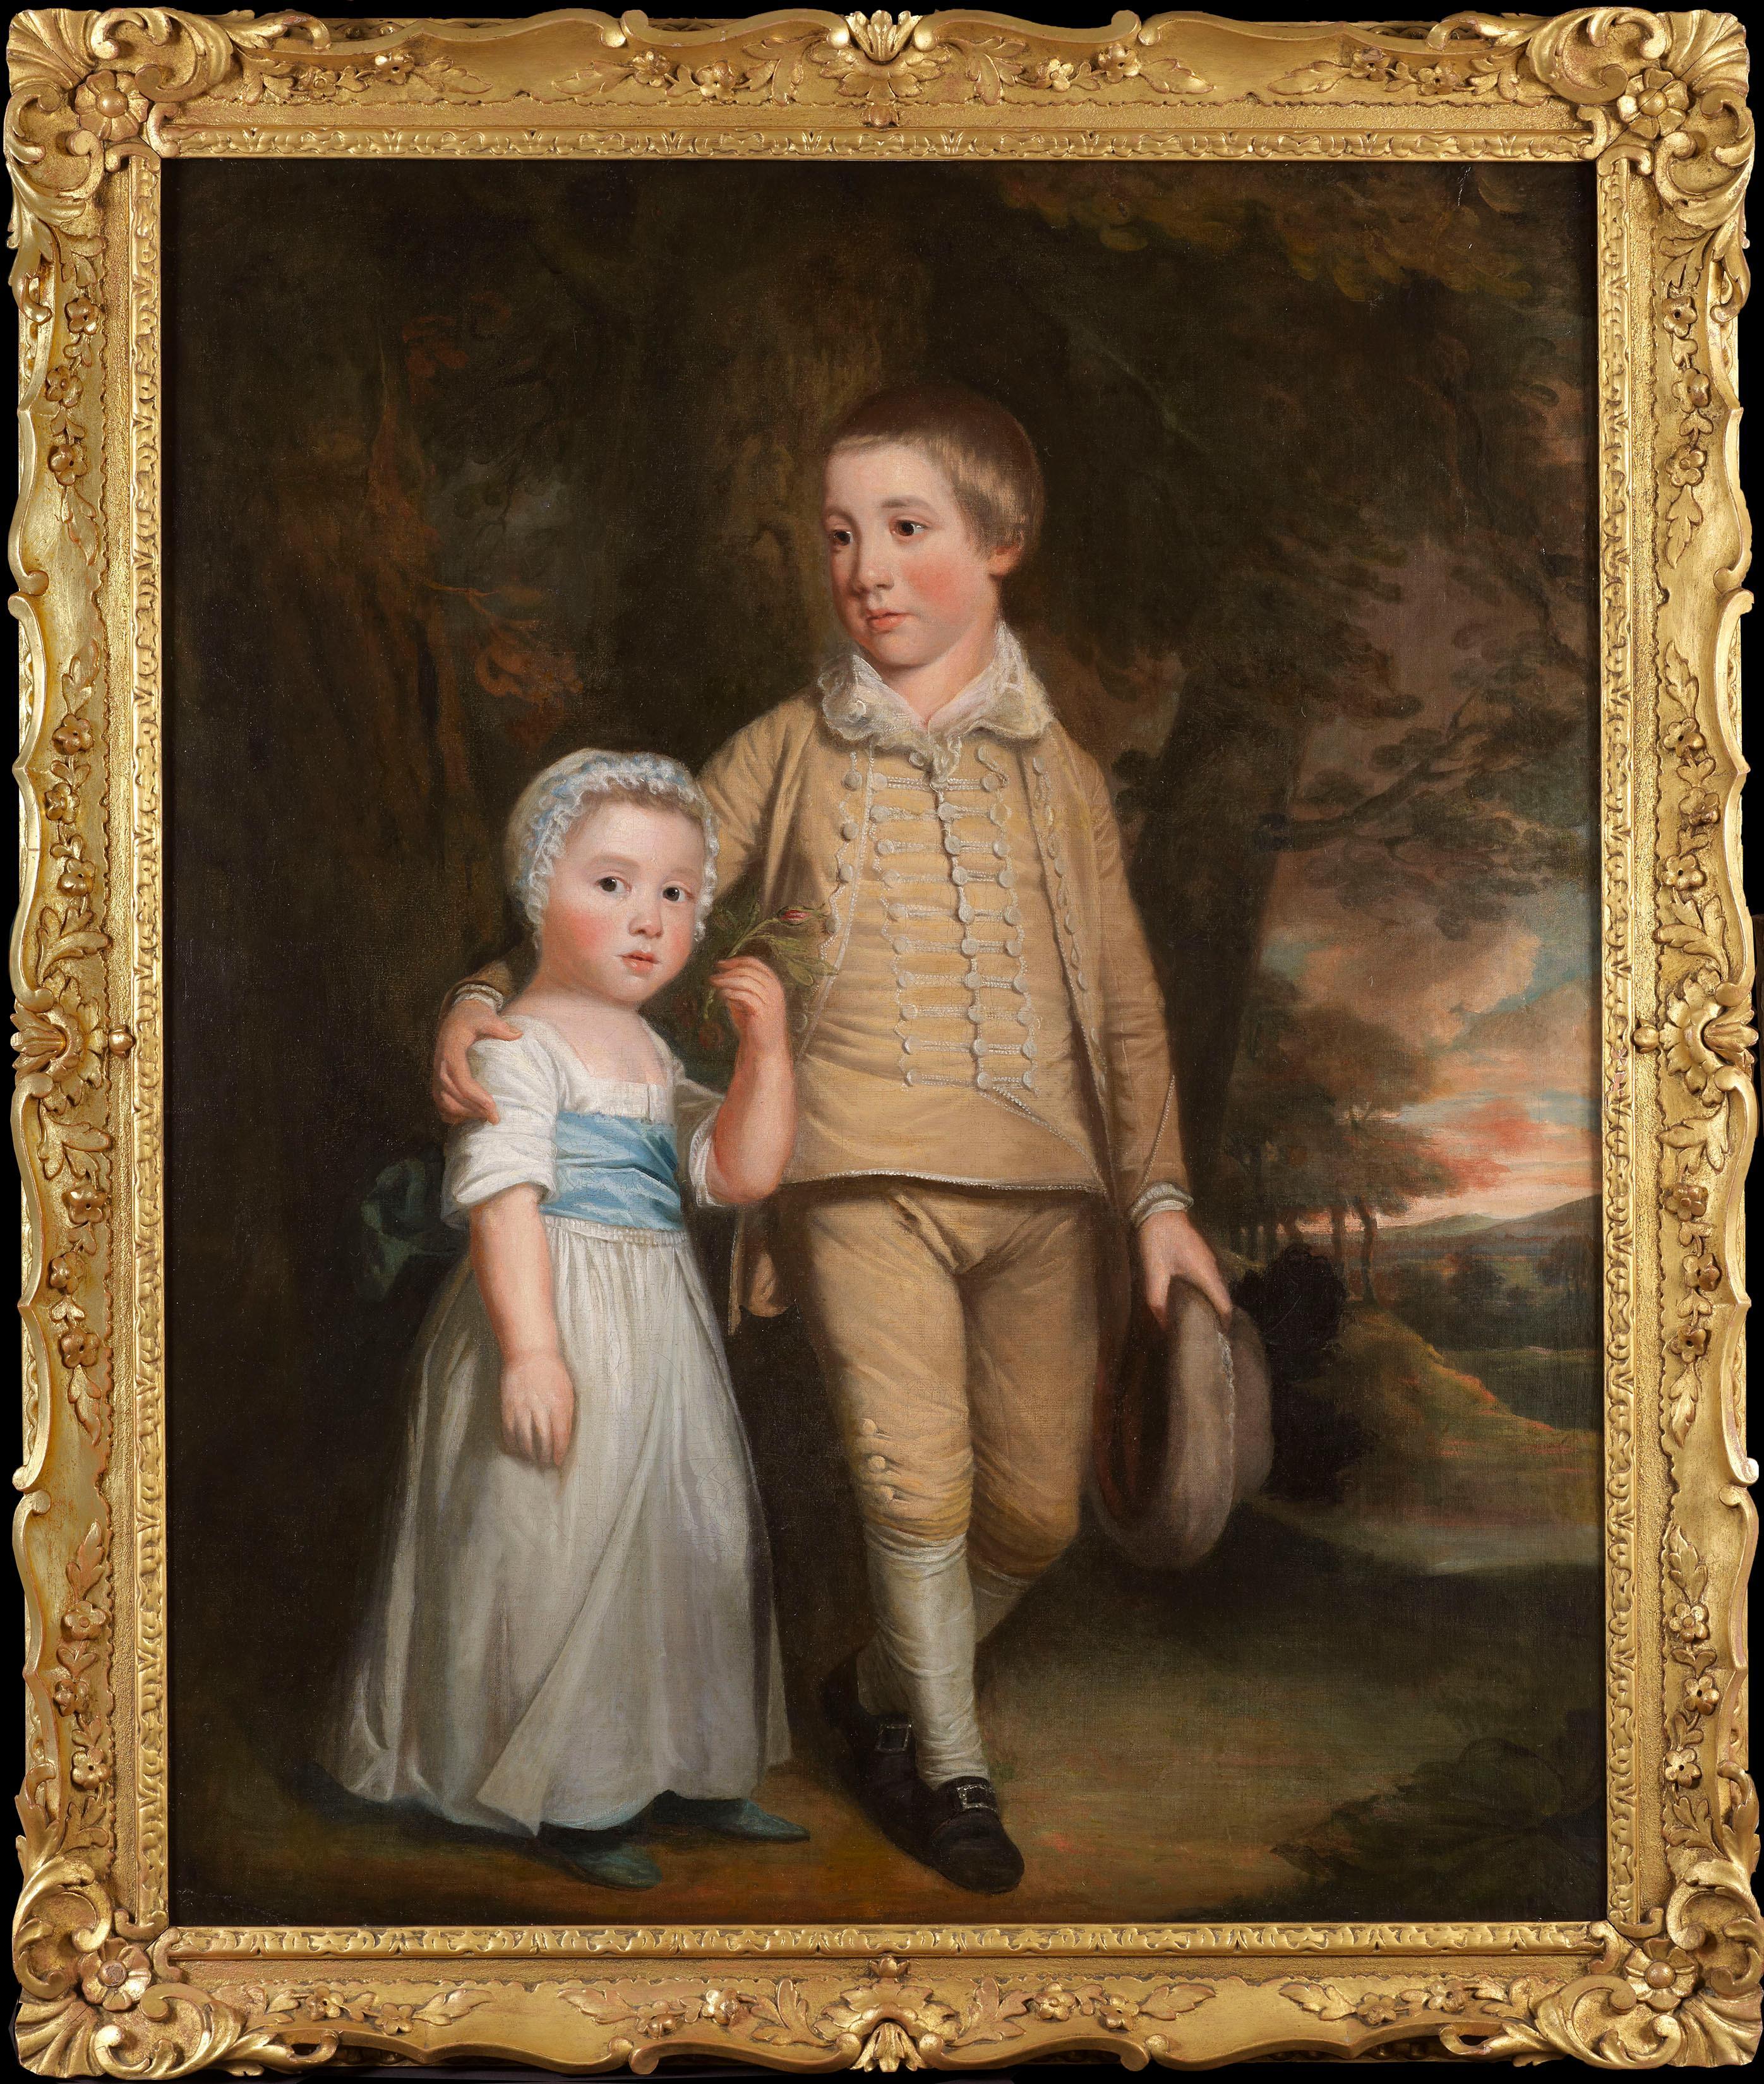 Thomas Beach (1738 - 1806) Two Children Oil on Canvas